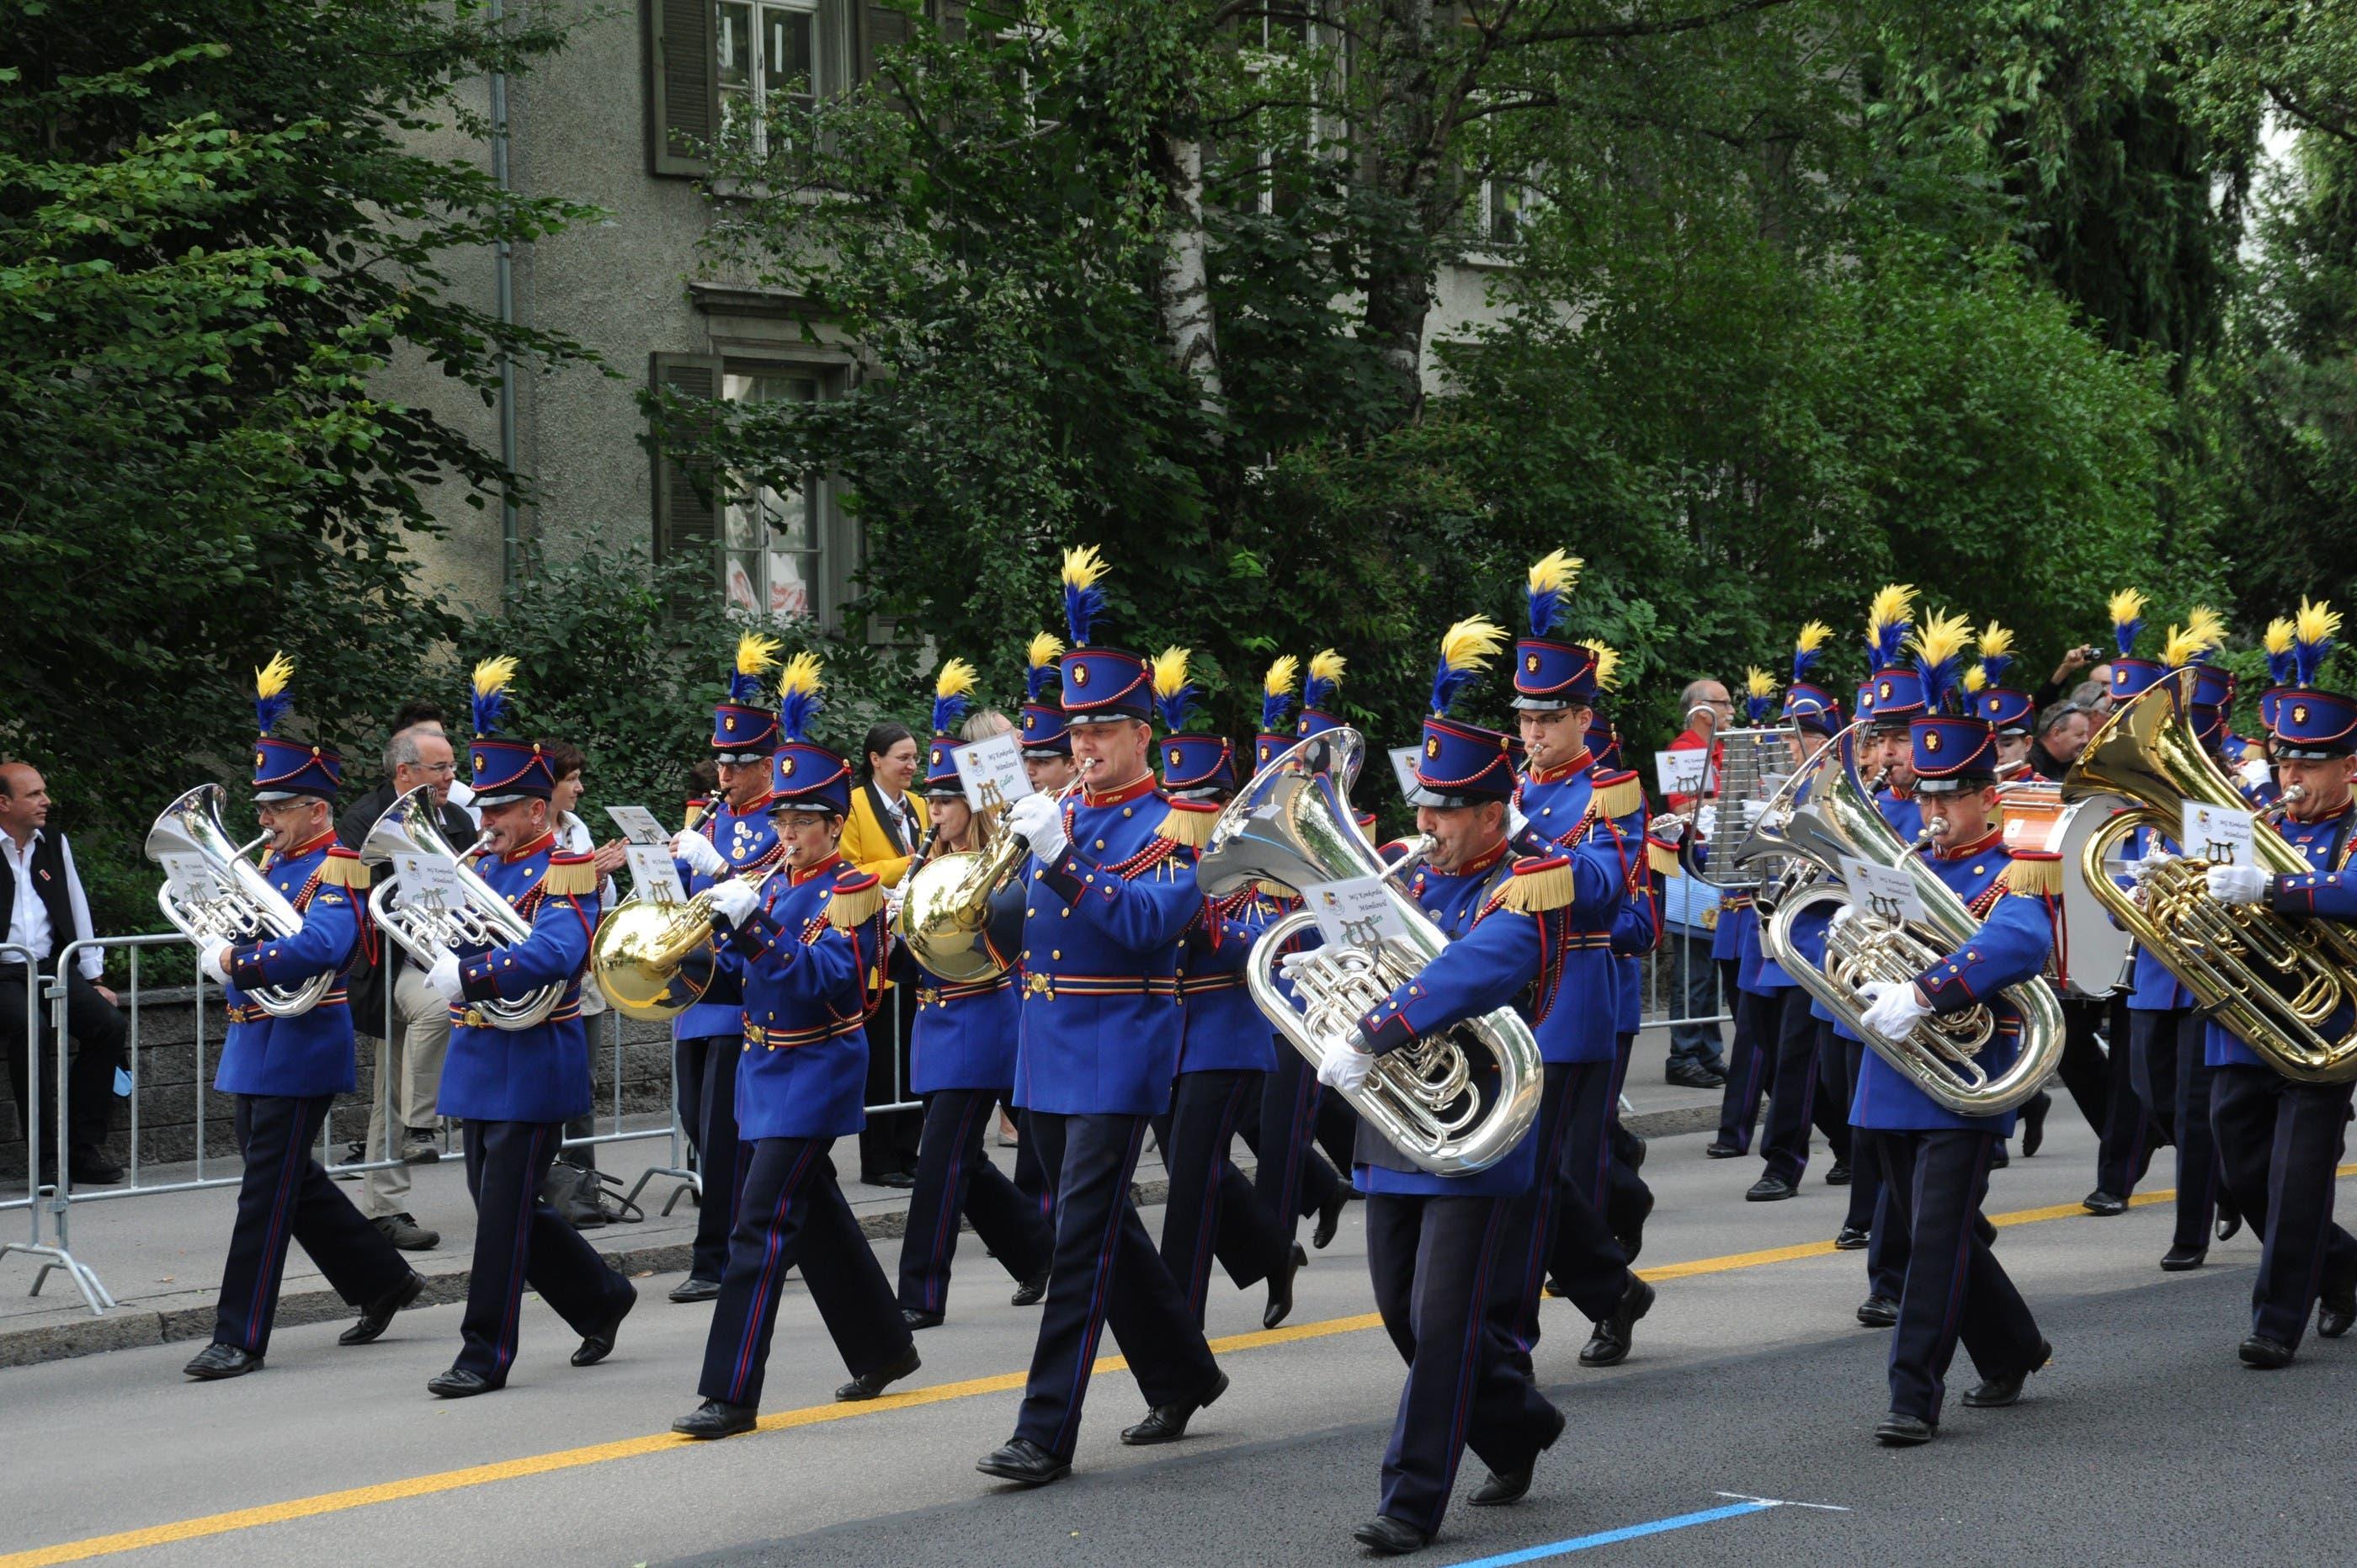 Die MG Konkordia Mümliswil ist mit in der historischen Uniformen eine Augenweide